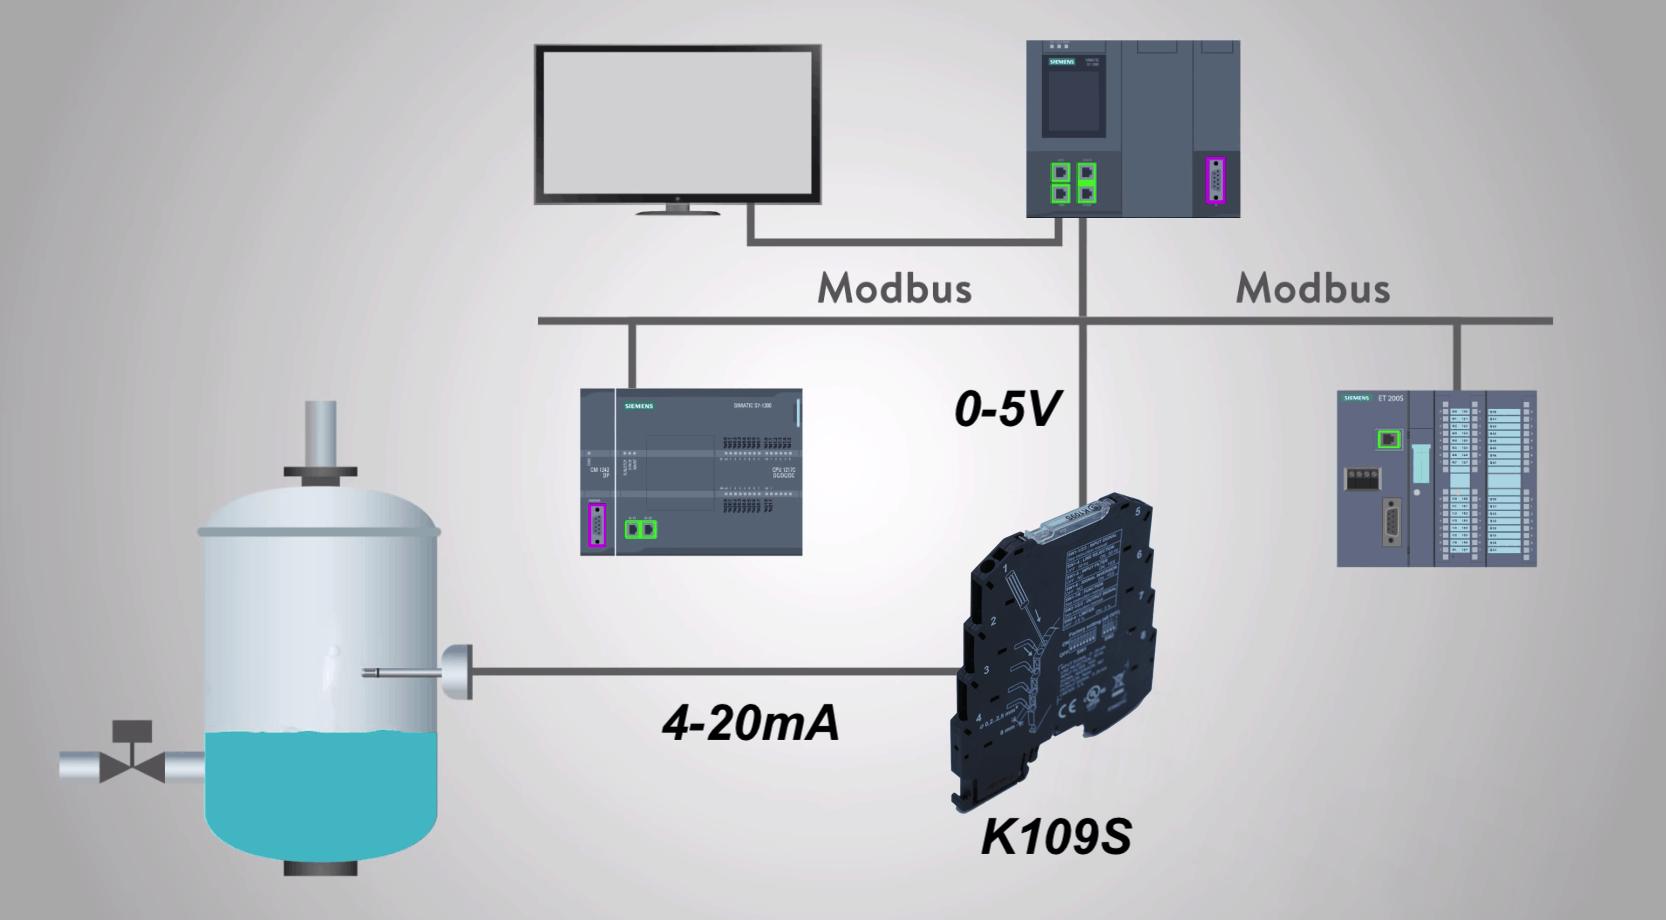 bộ chuyển đổi 4-20mA sang 0-5V